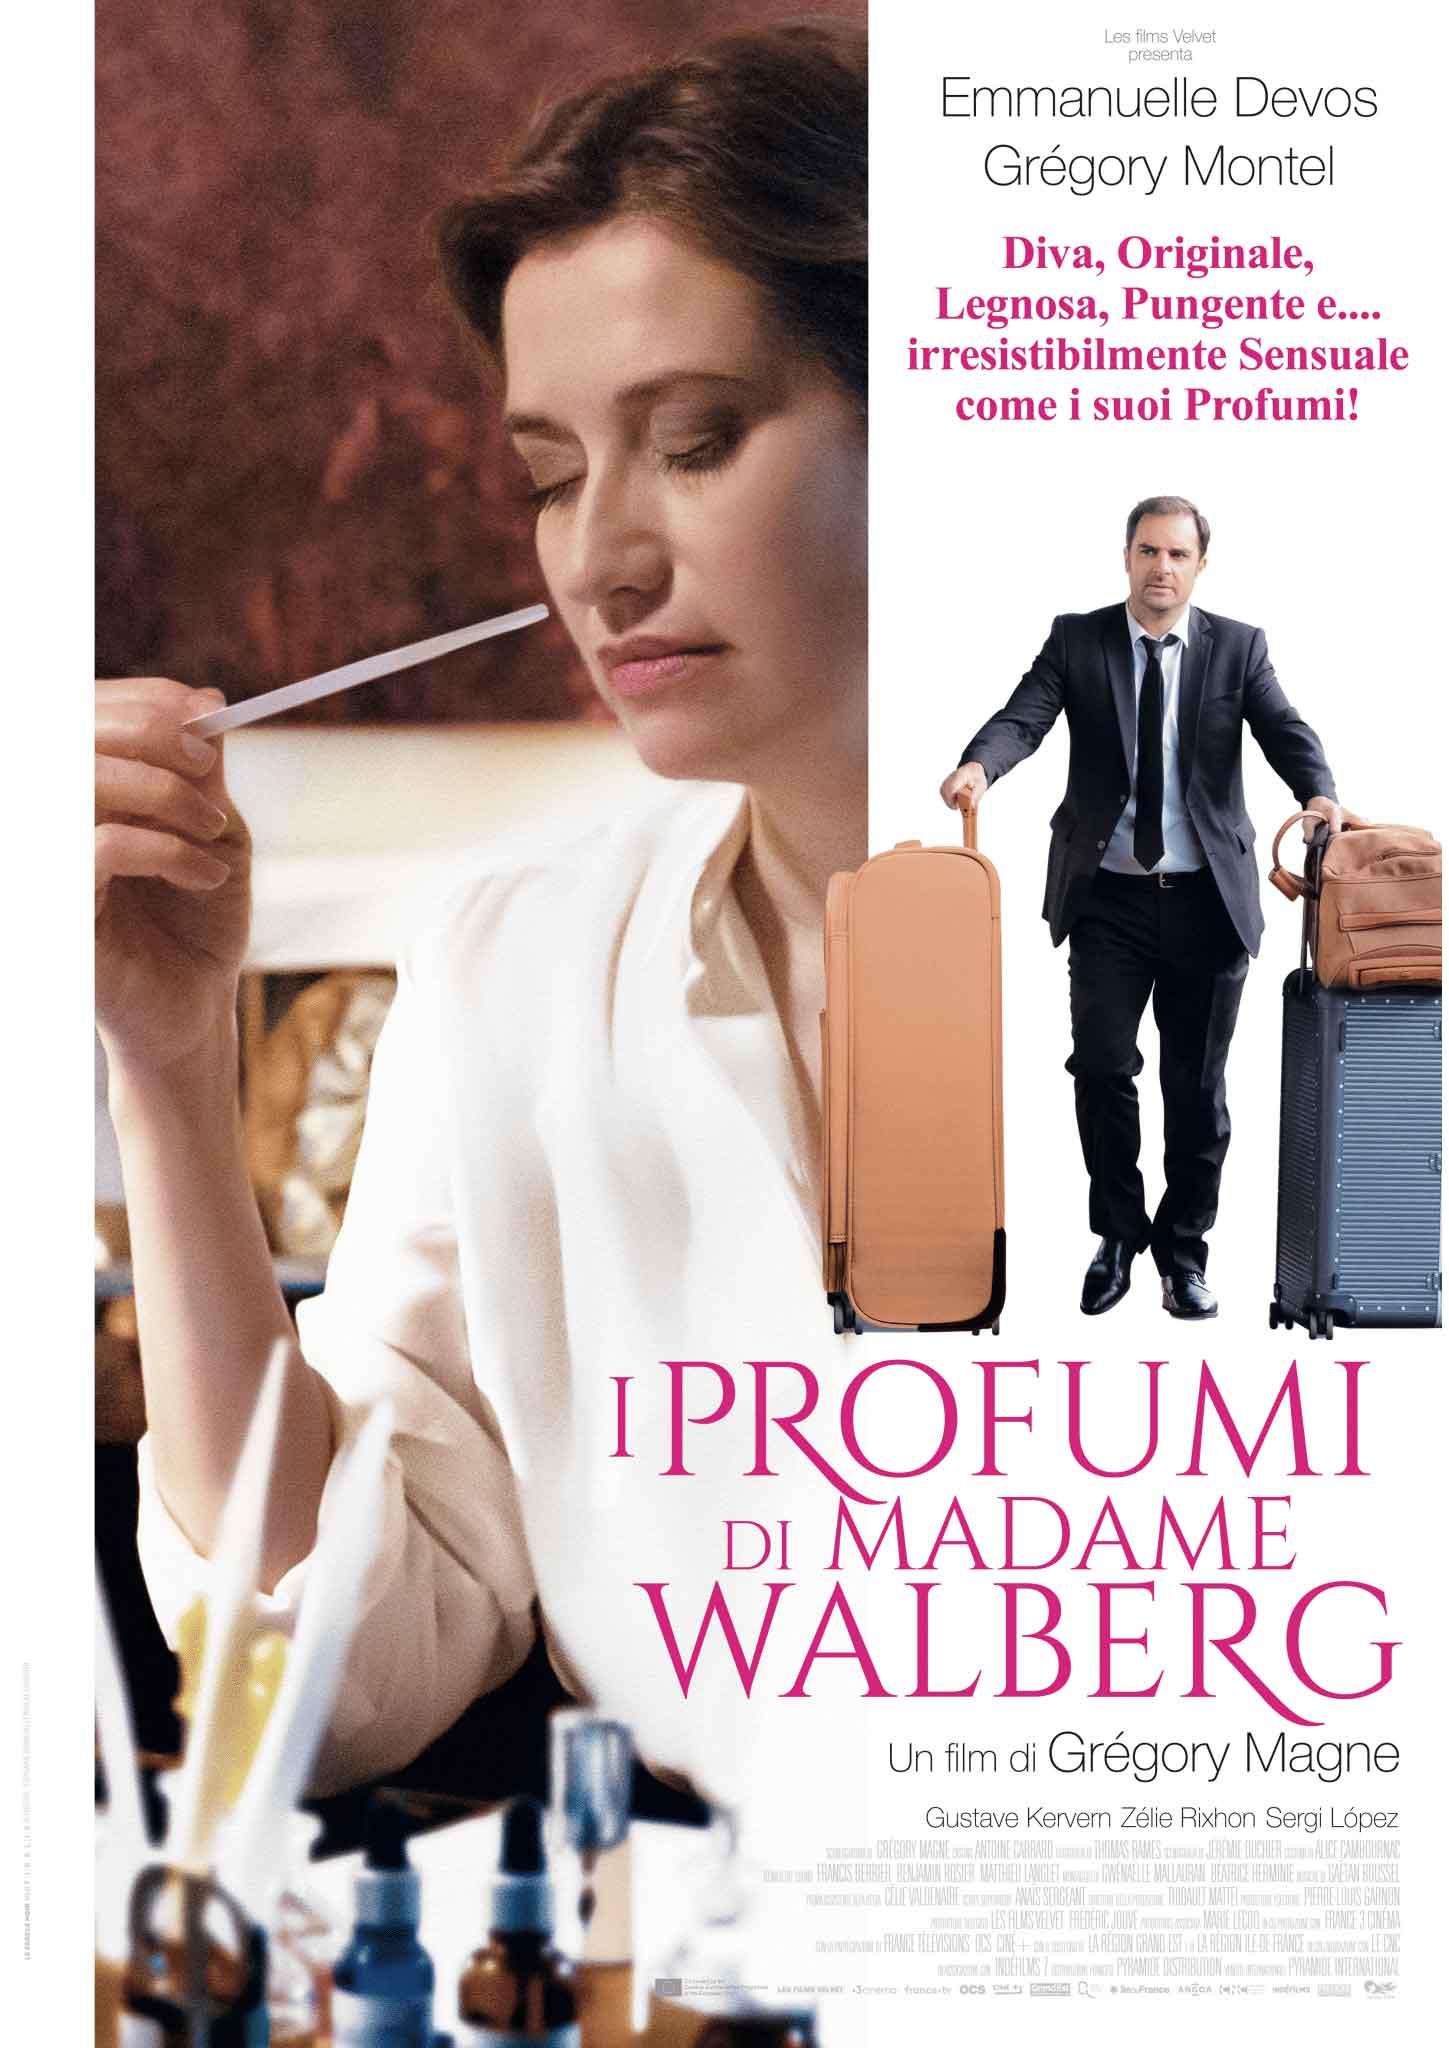 I profumi di Madame Walberg recensione film diGrégory Magne con Emmanuelle Devos